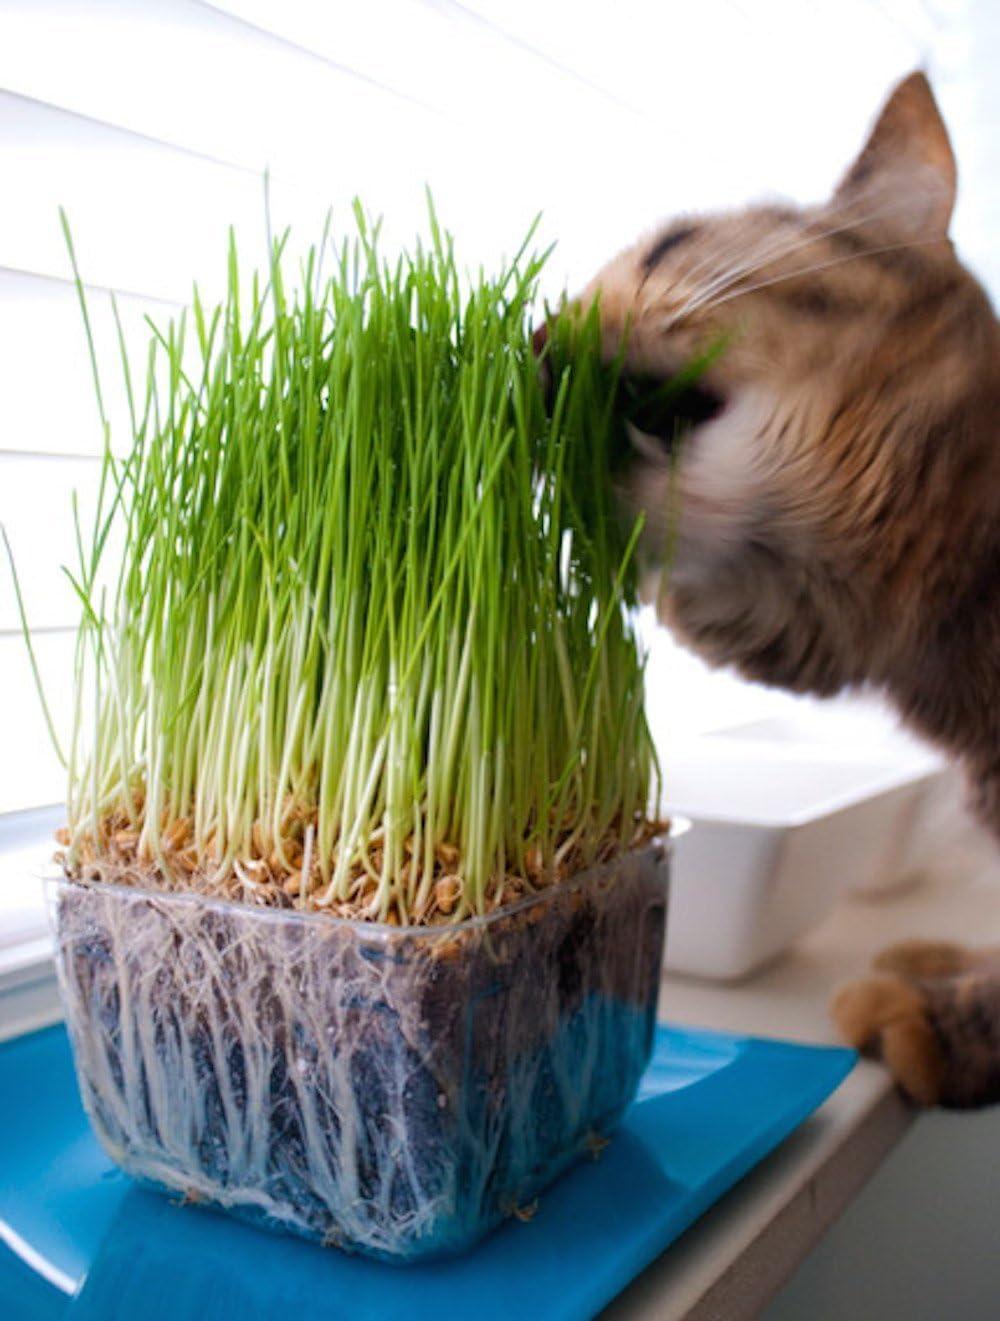 SIS Haustier Sis mascotas bio gato hierba Semillas 1 bolsa con 30 g mezcla de semillas para aprox. 15 ollas fertiges gato hierba: Amazon.es: Productos para mascotas